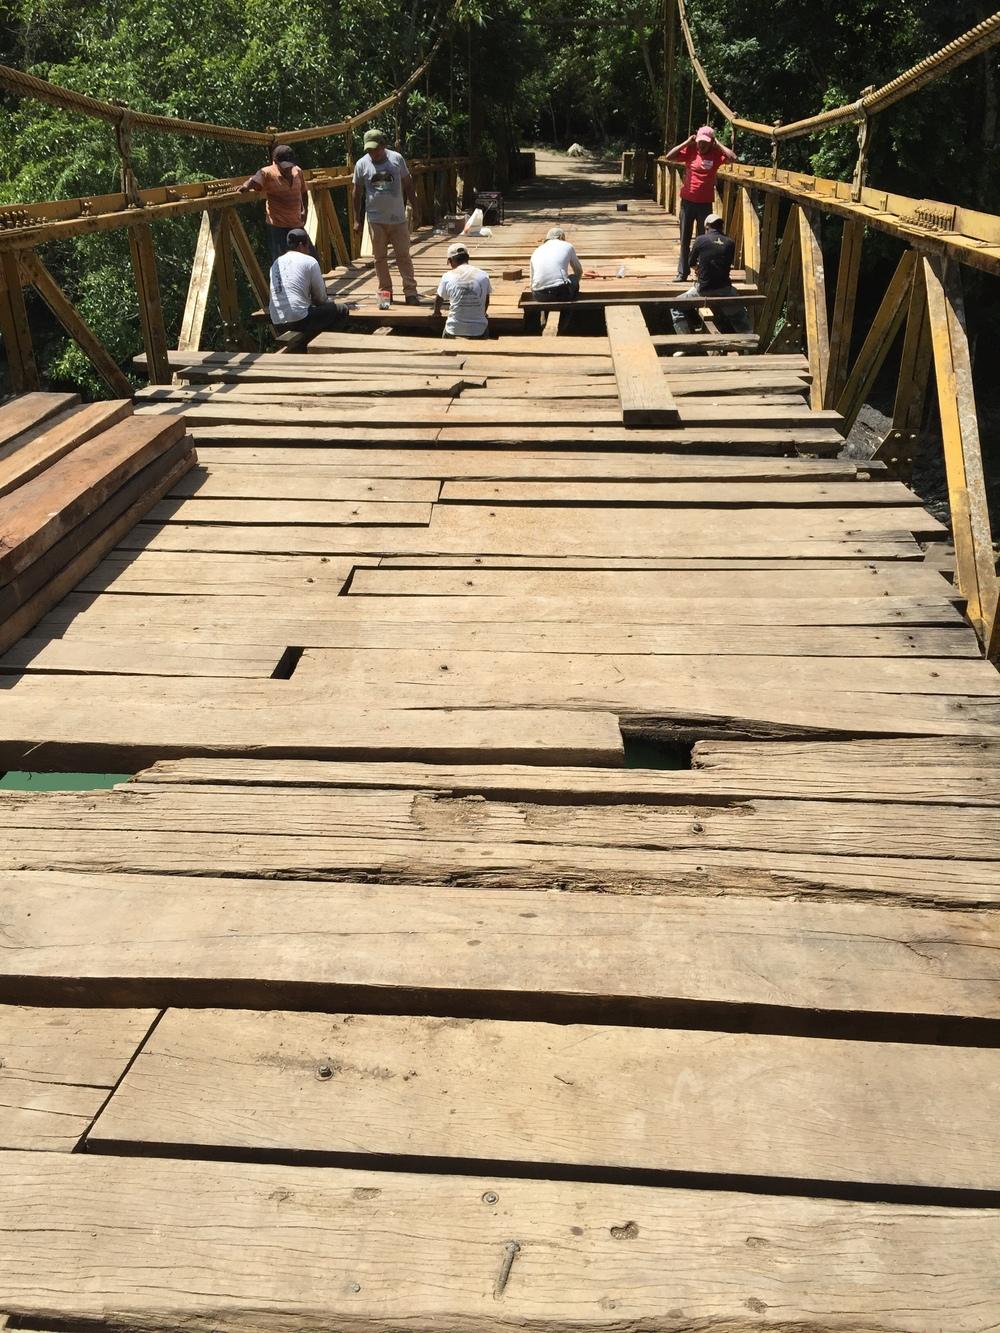 Repairing the footbridge in Semuc Champey.